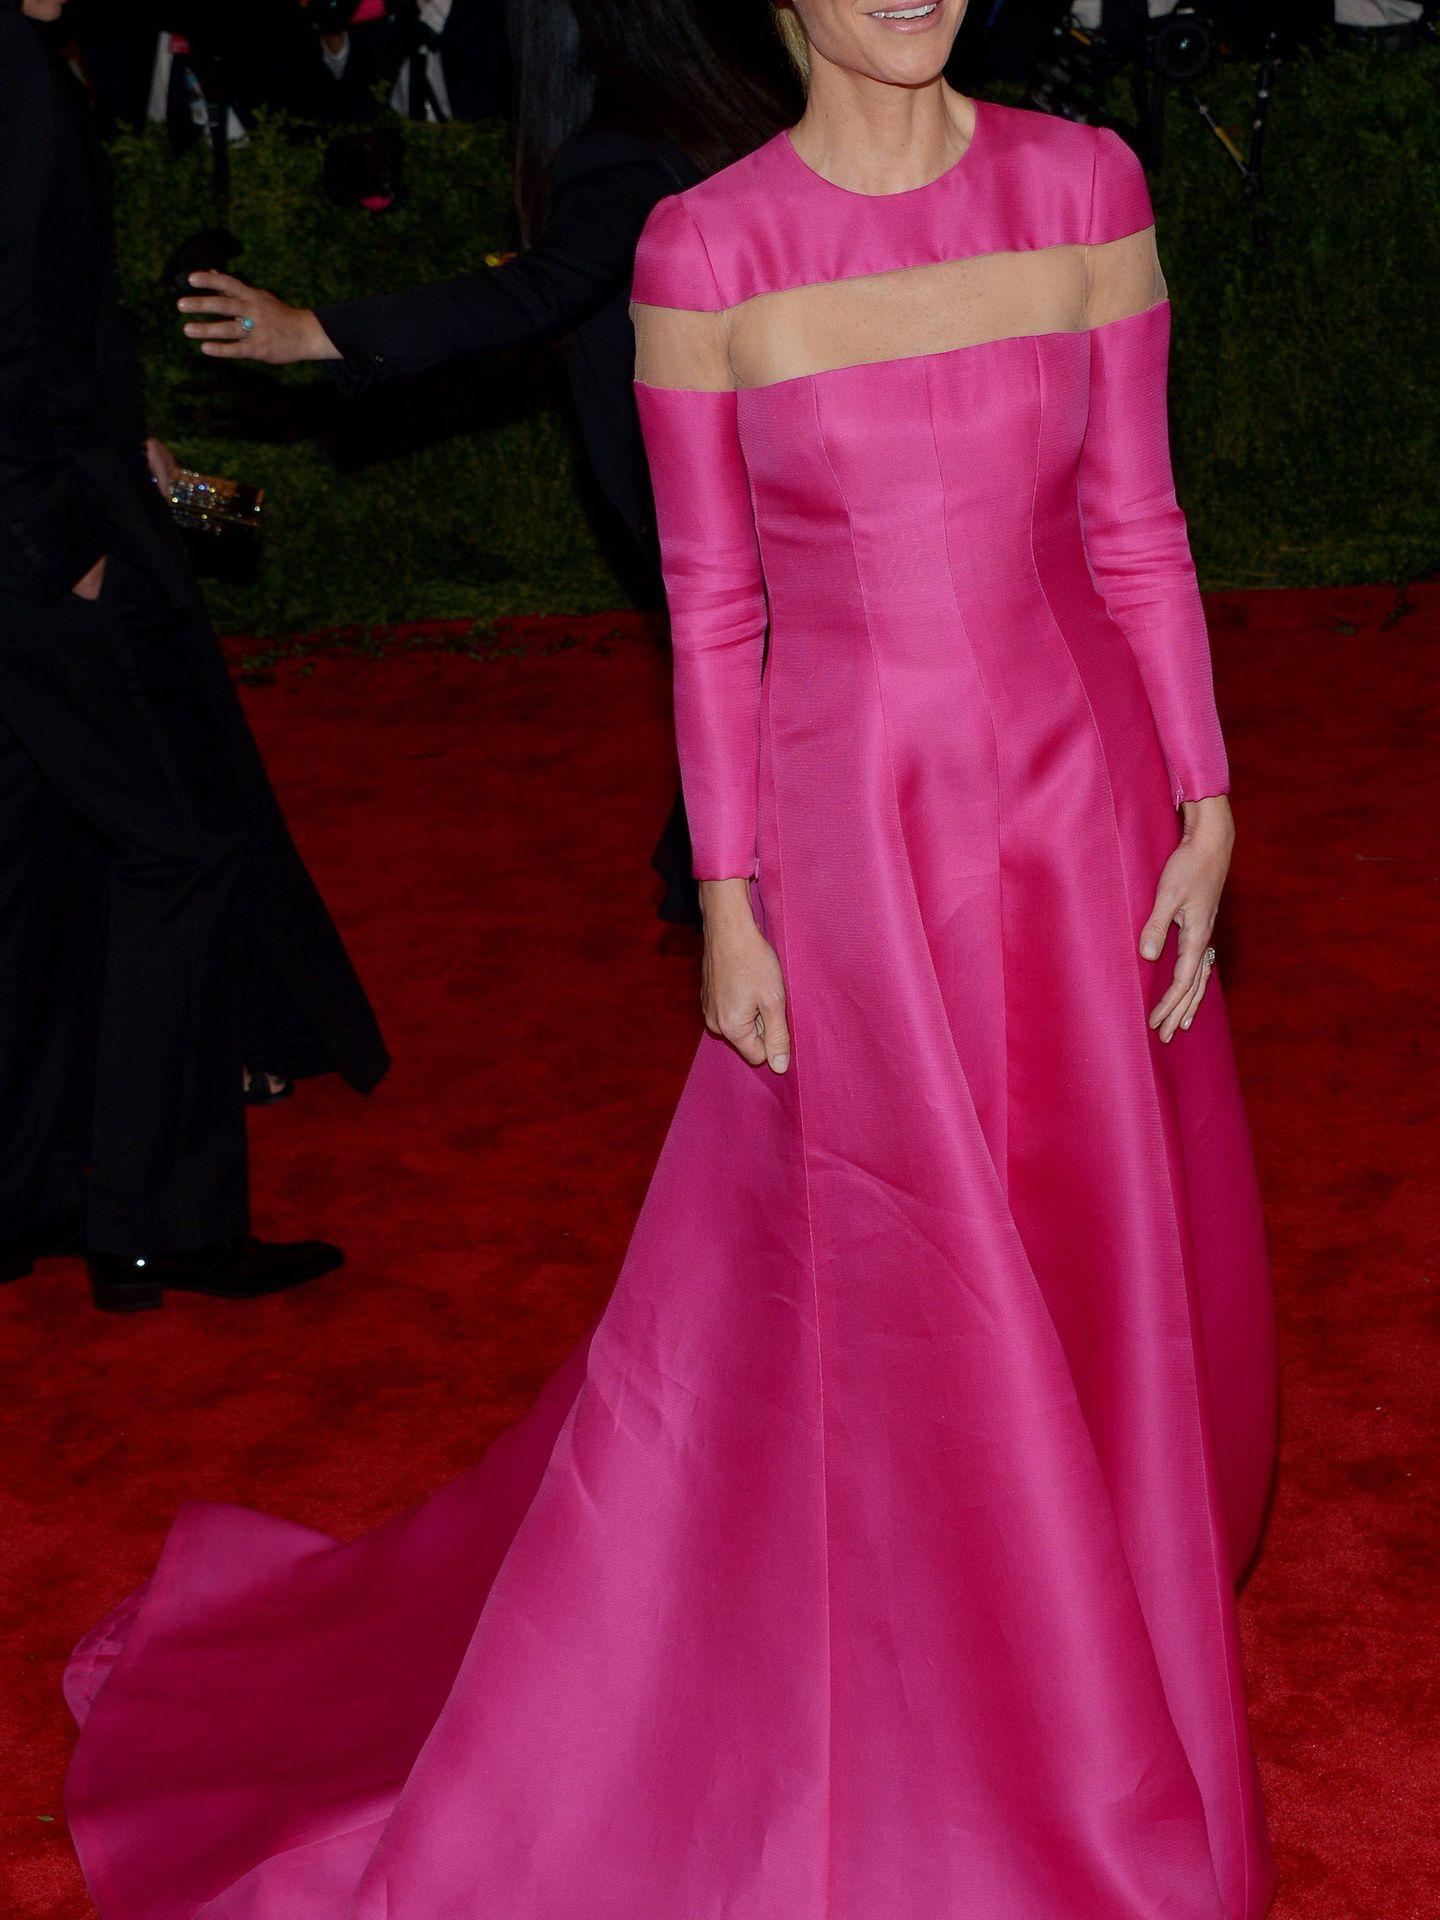 La actriz Gwyneth Paltrow hace unos años con un vestido cut out de alfombra roja.  (EFE)